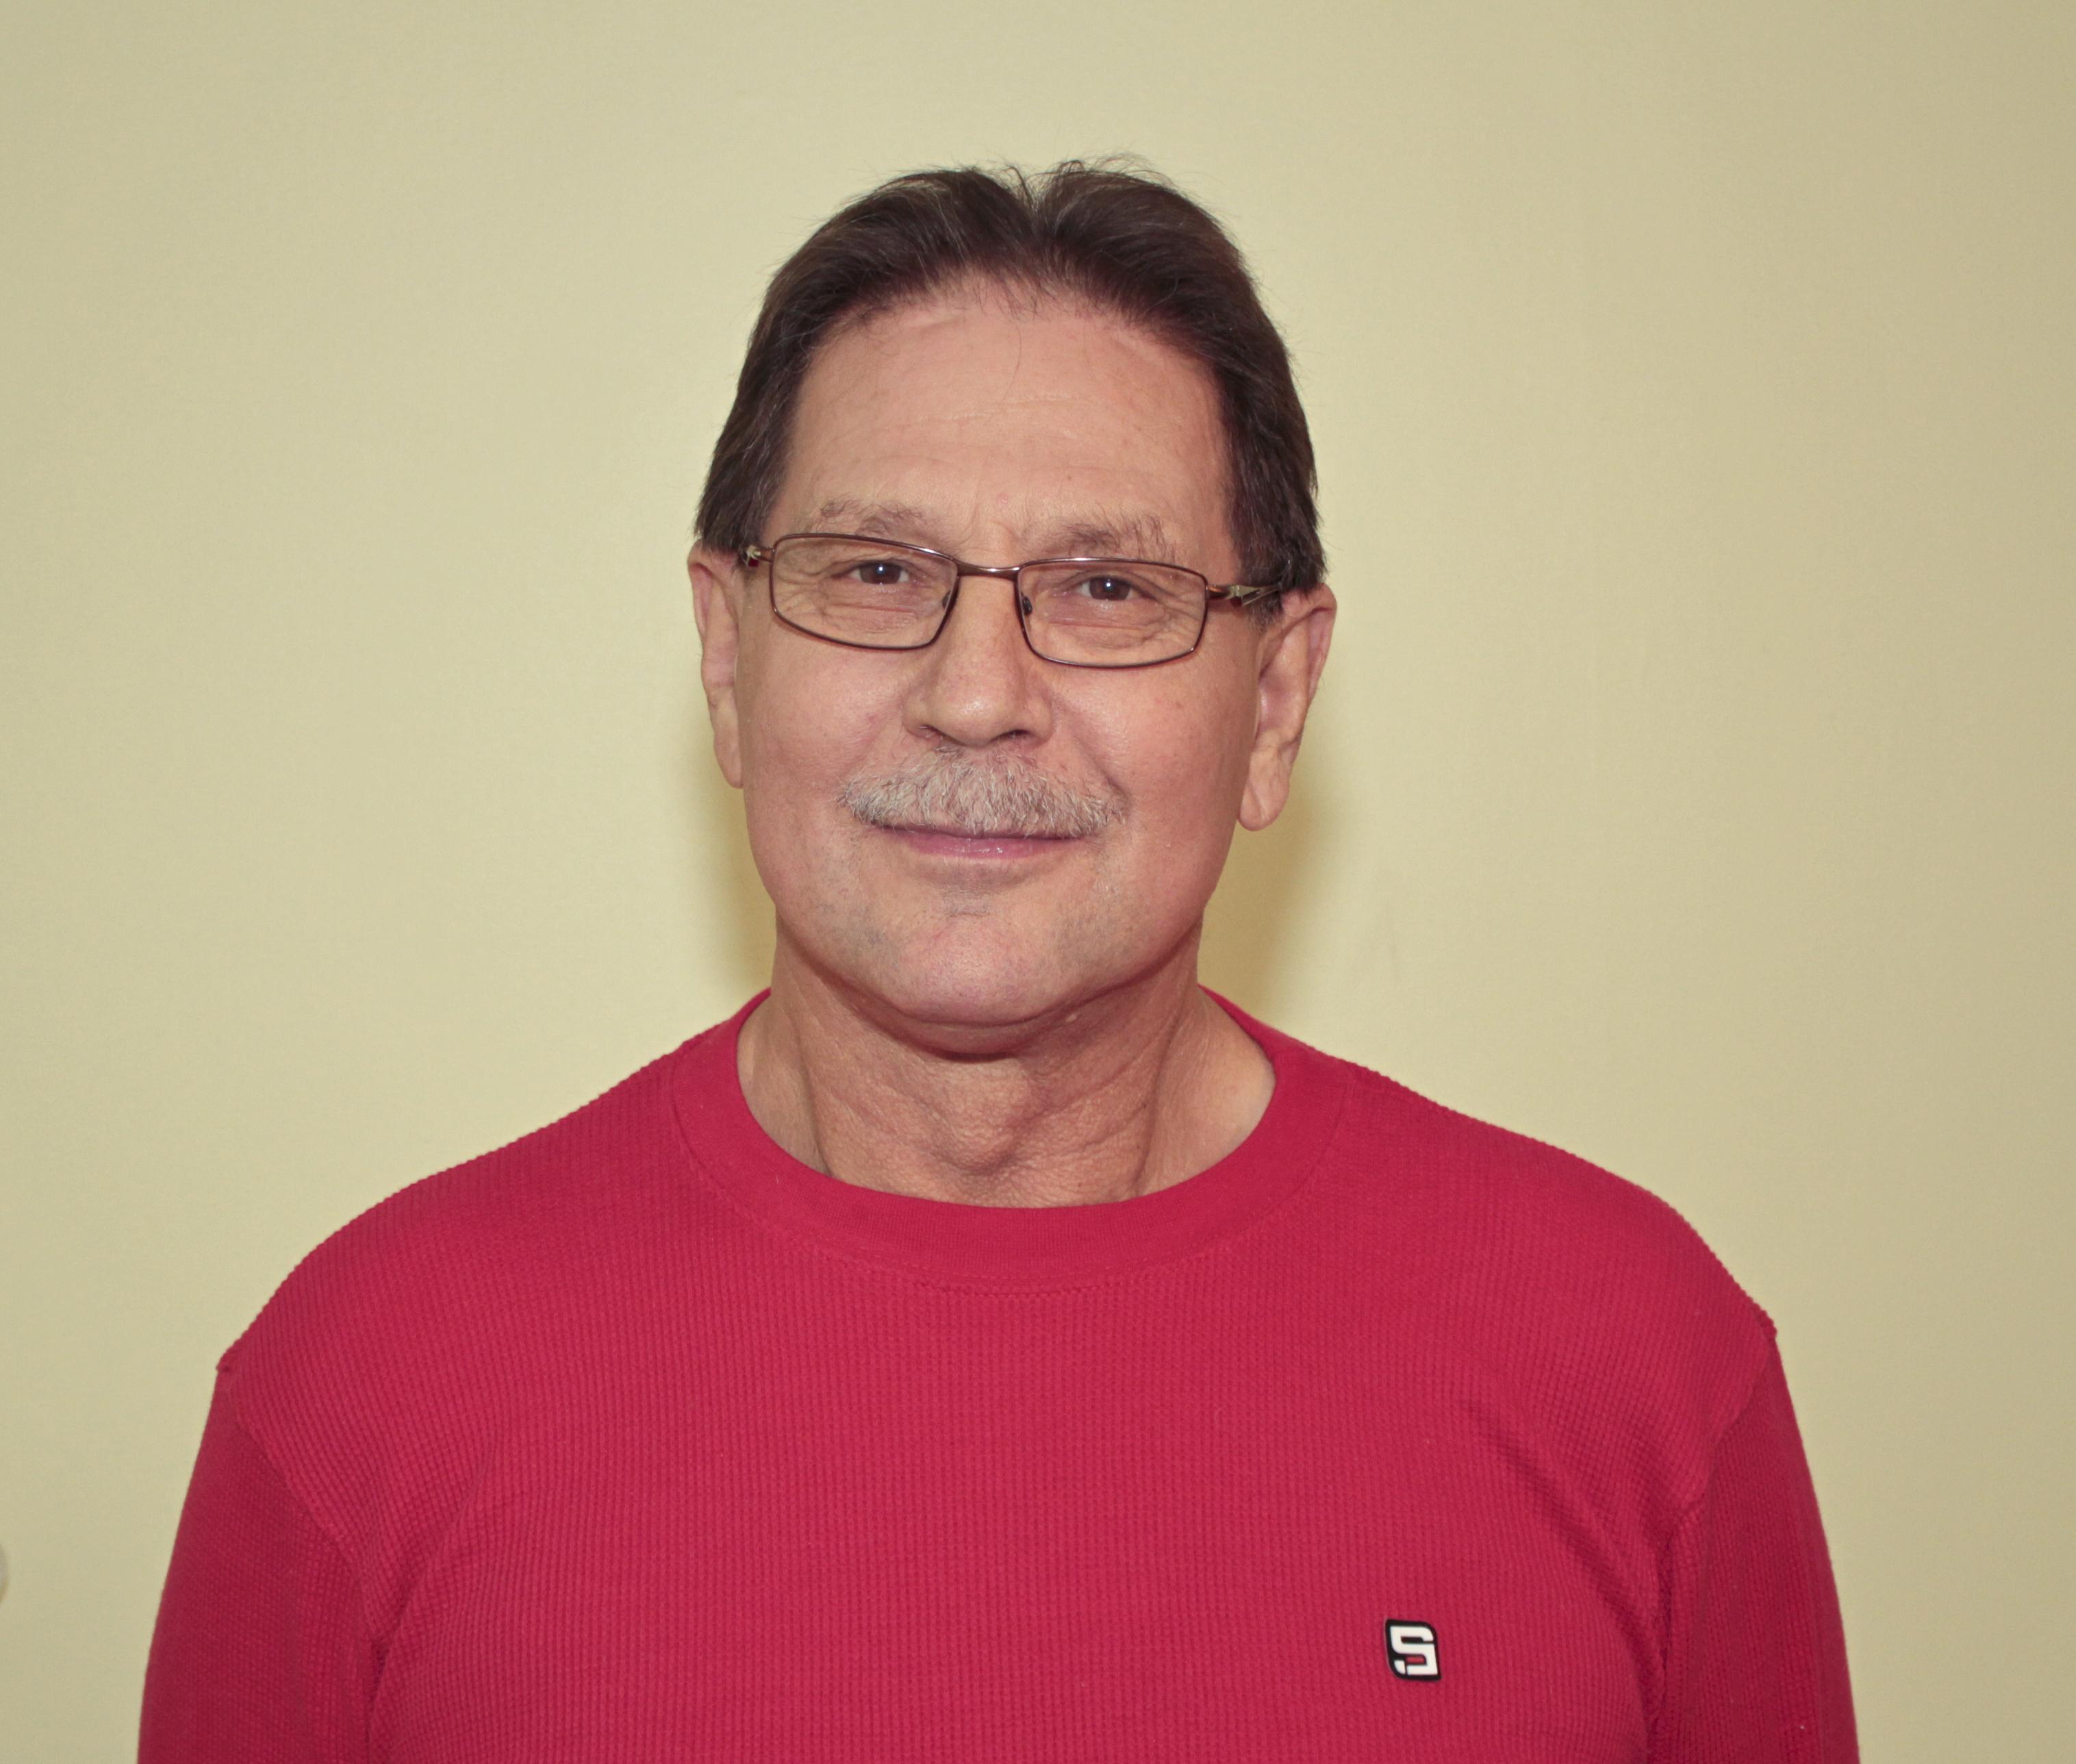 Patrick C Kucharek